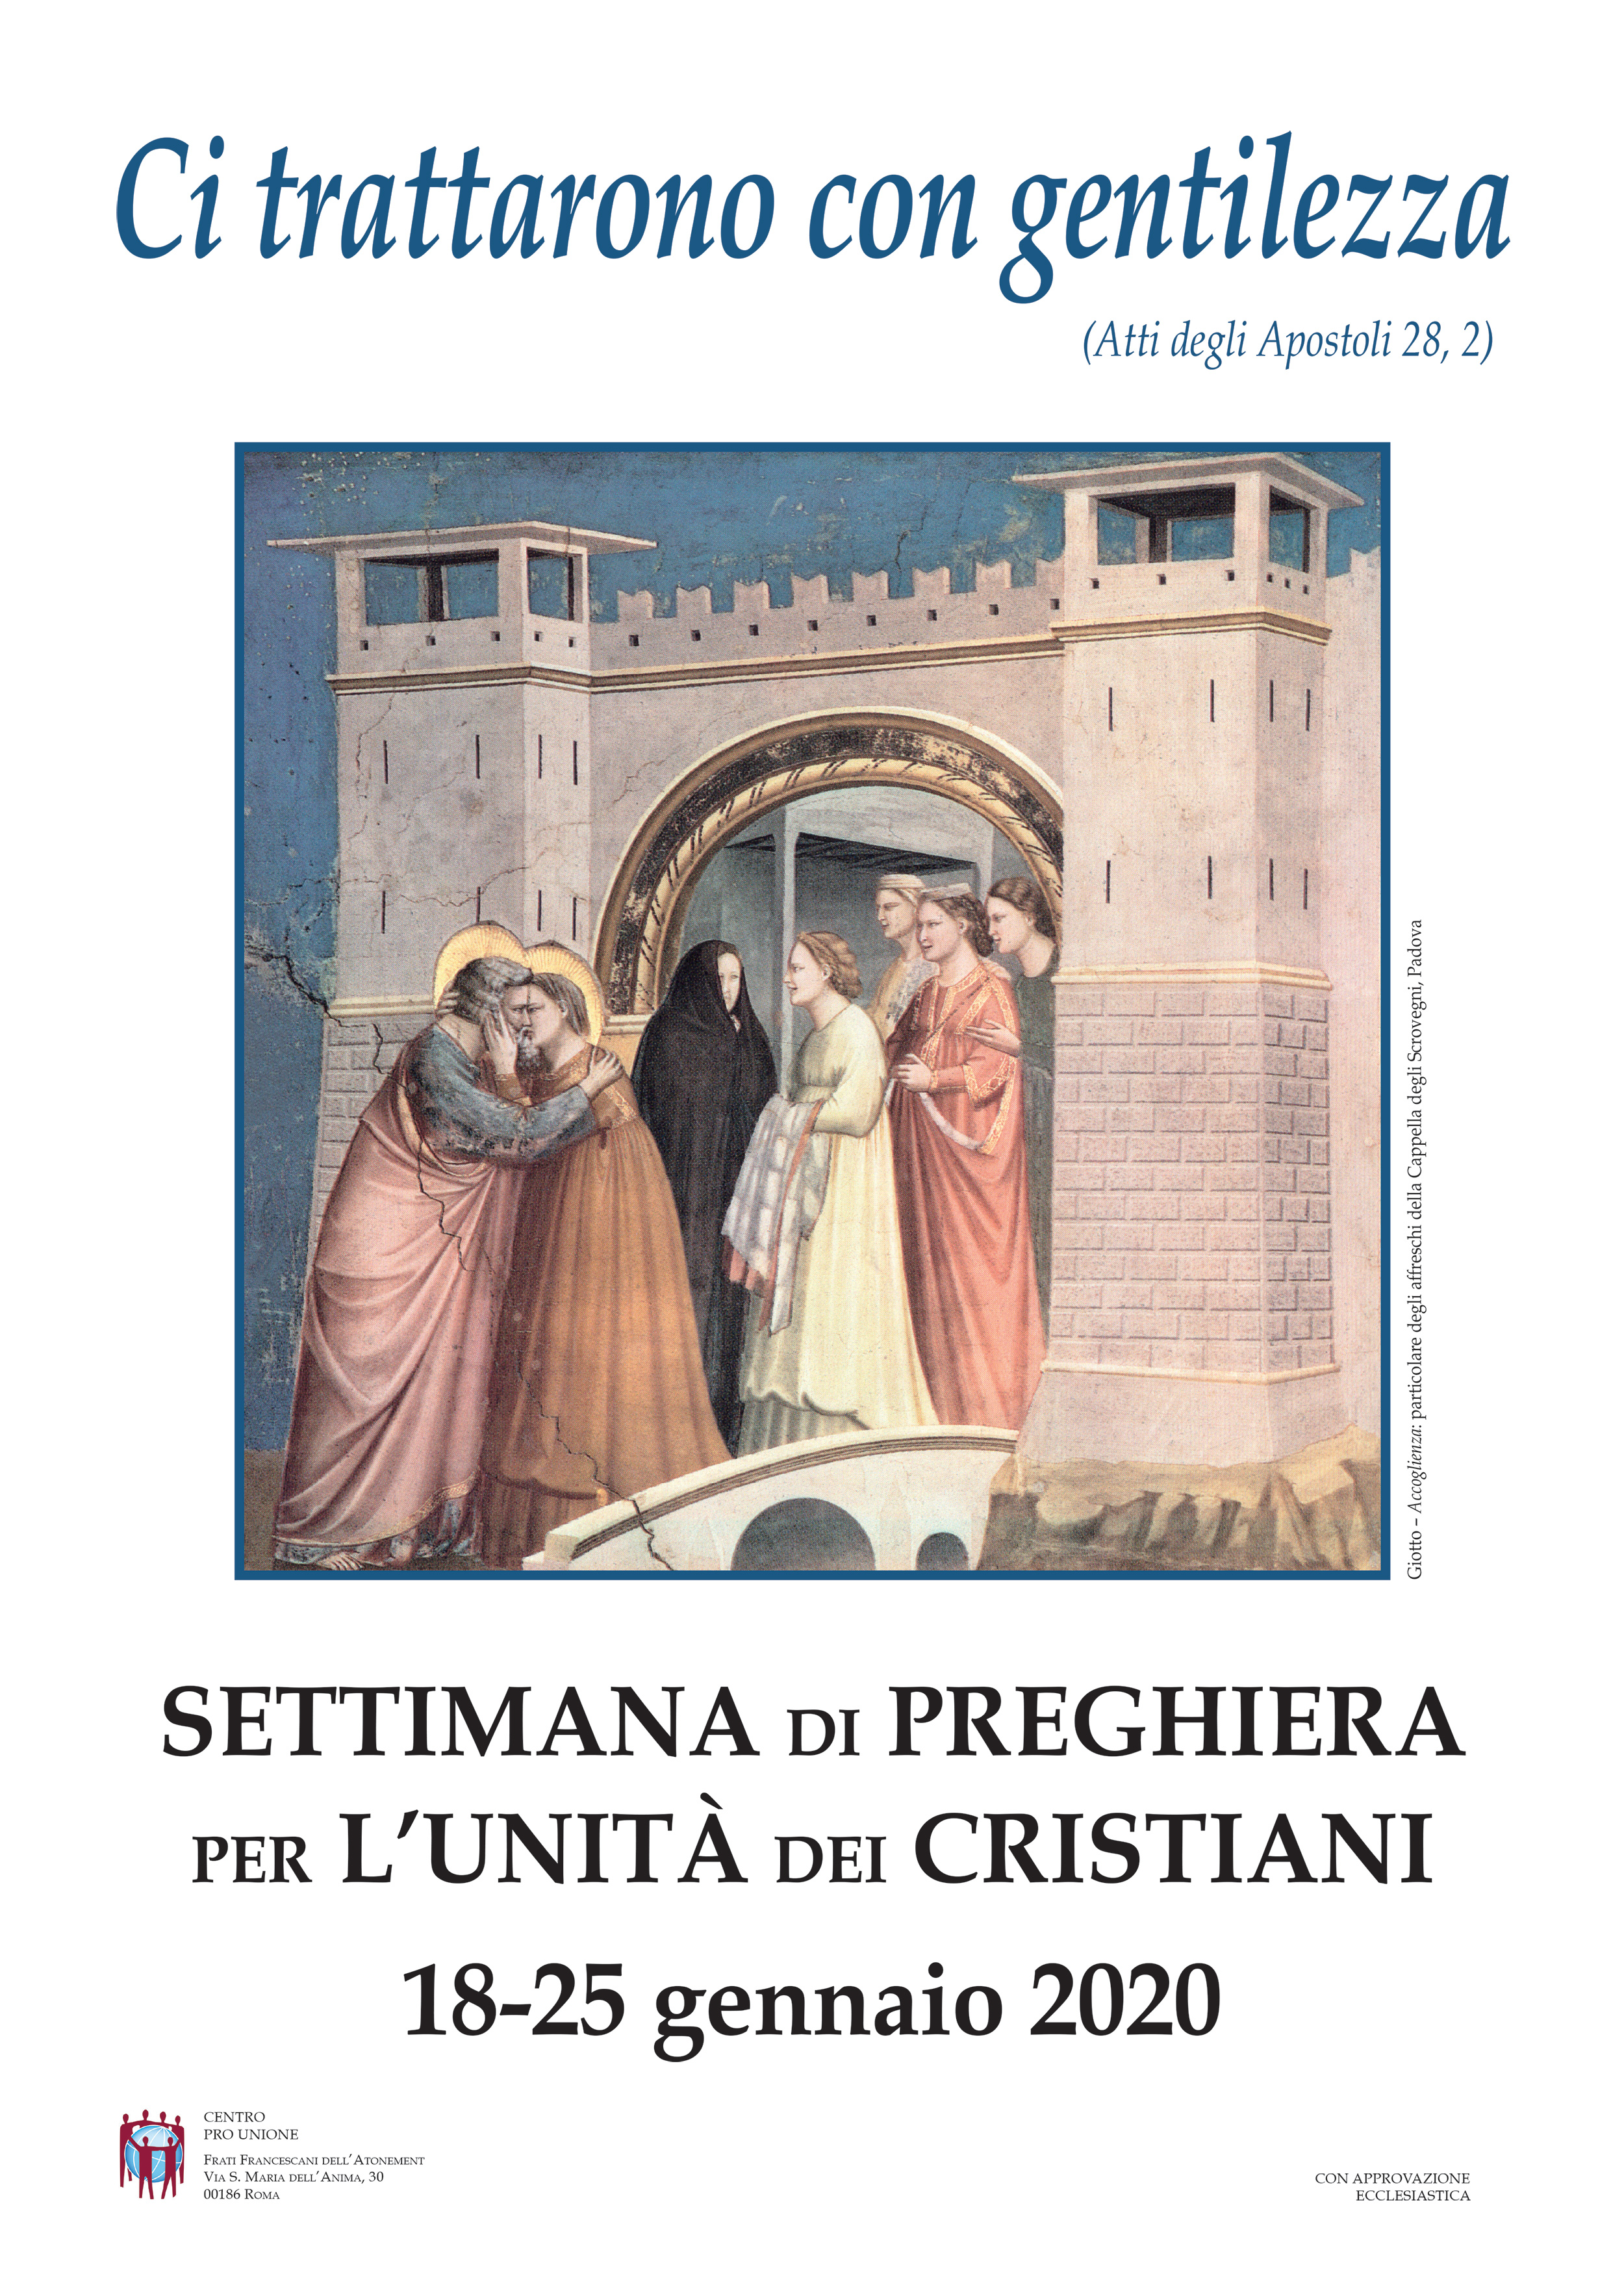 Settimana di Preghiera per Unità dei Cristiani